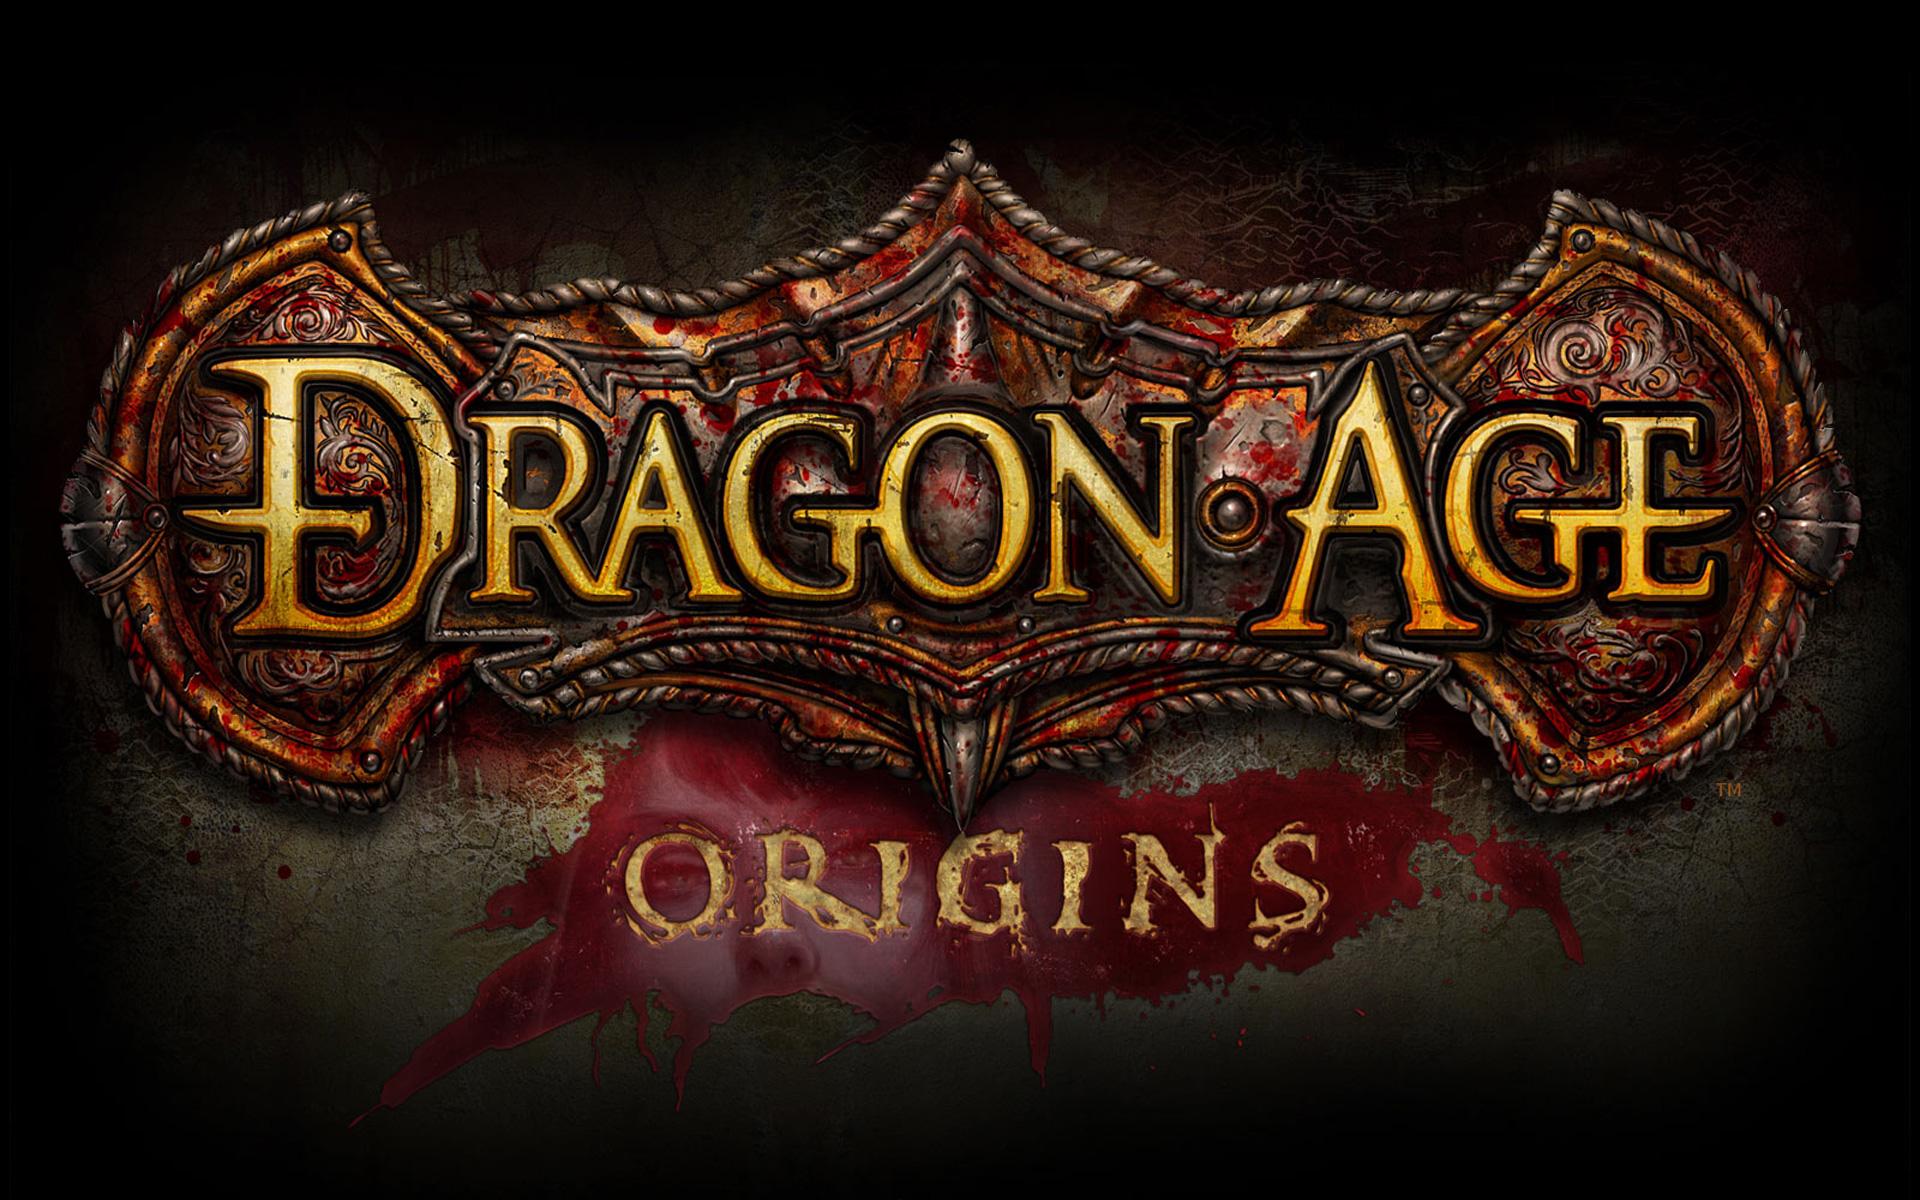 Dragon Age: Origins Wallpaper in 1920x1200